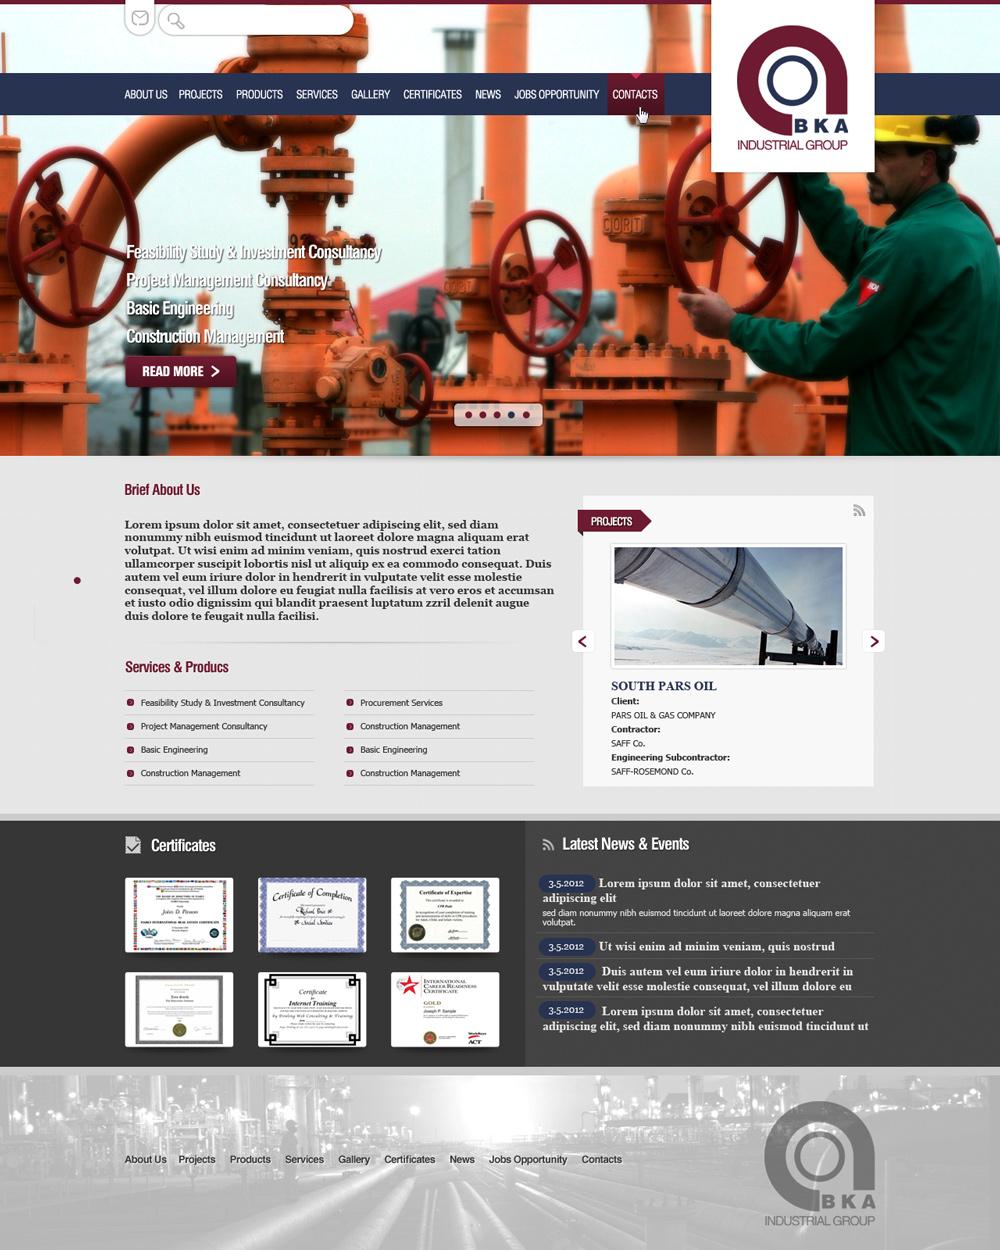 BKA Industrial Group